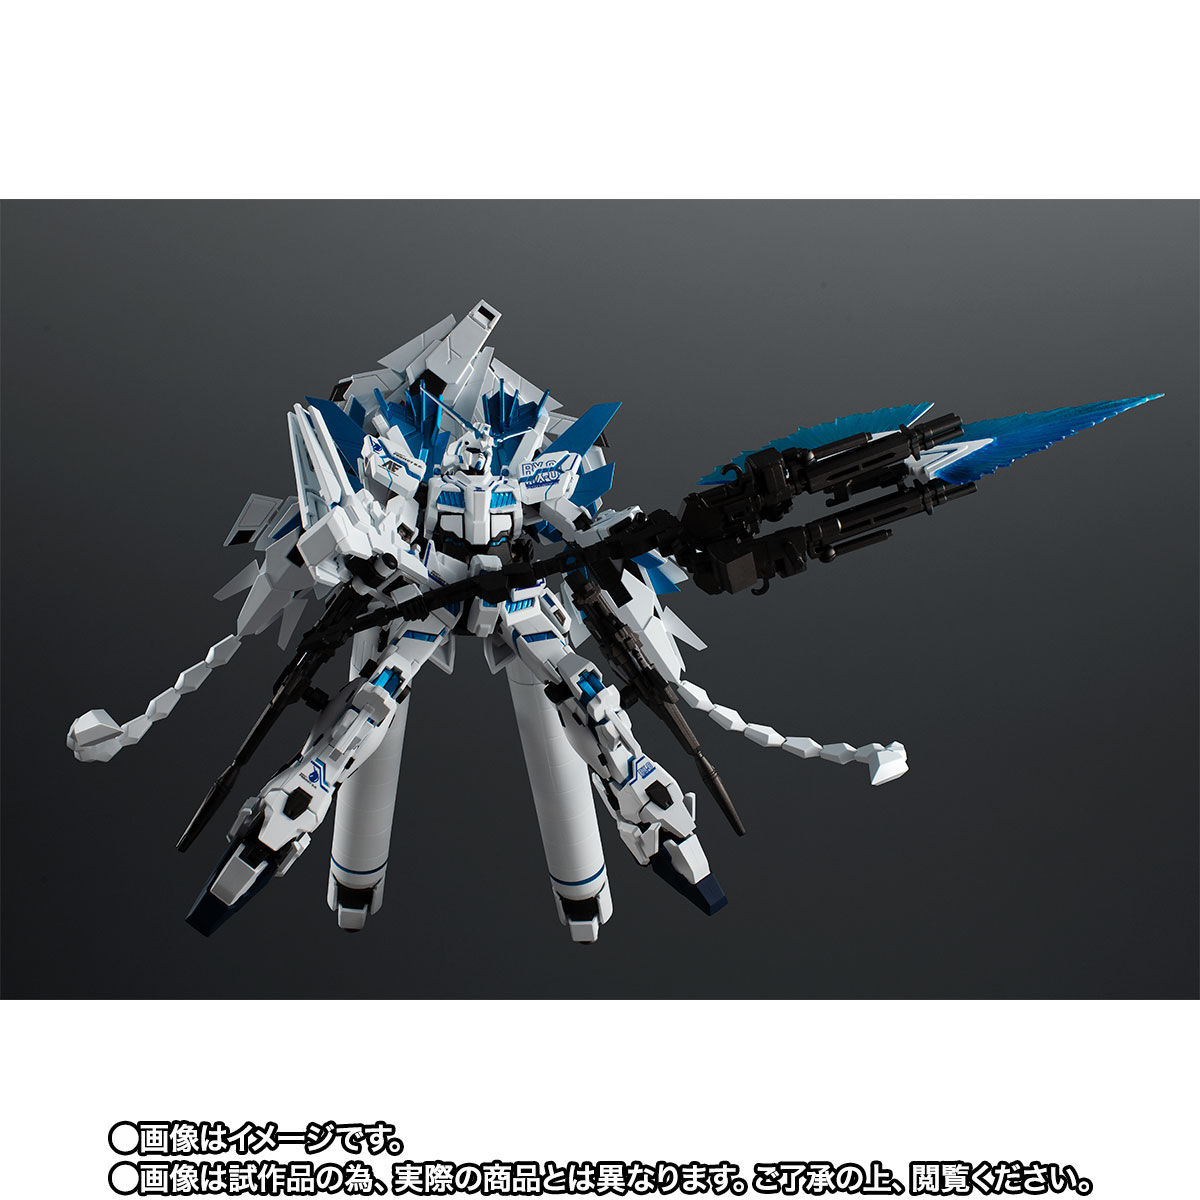 【限定販売】ROBOT魂〈SIDE MS〉『ユニコーンガンダム ペルフェクティビリティ・ディバイン』ガンダムUC 可動フィギュア-006